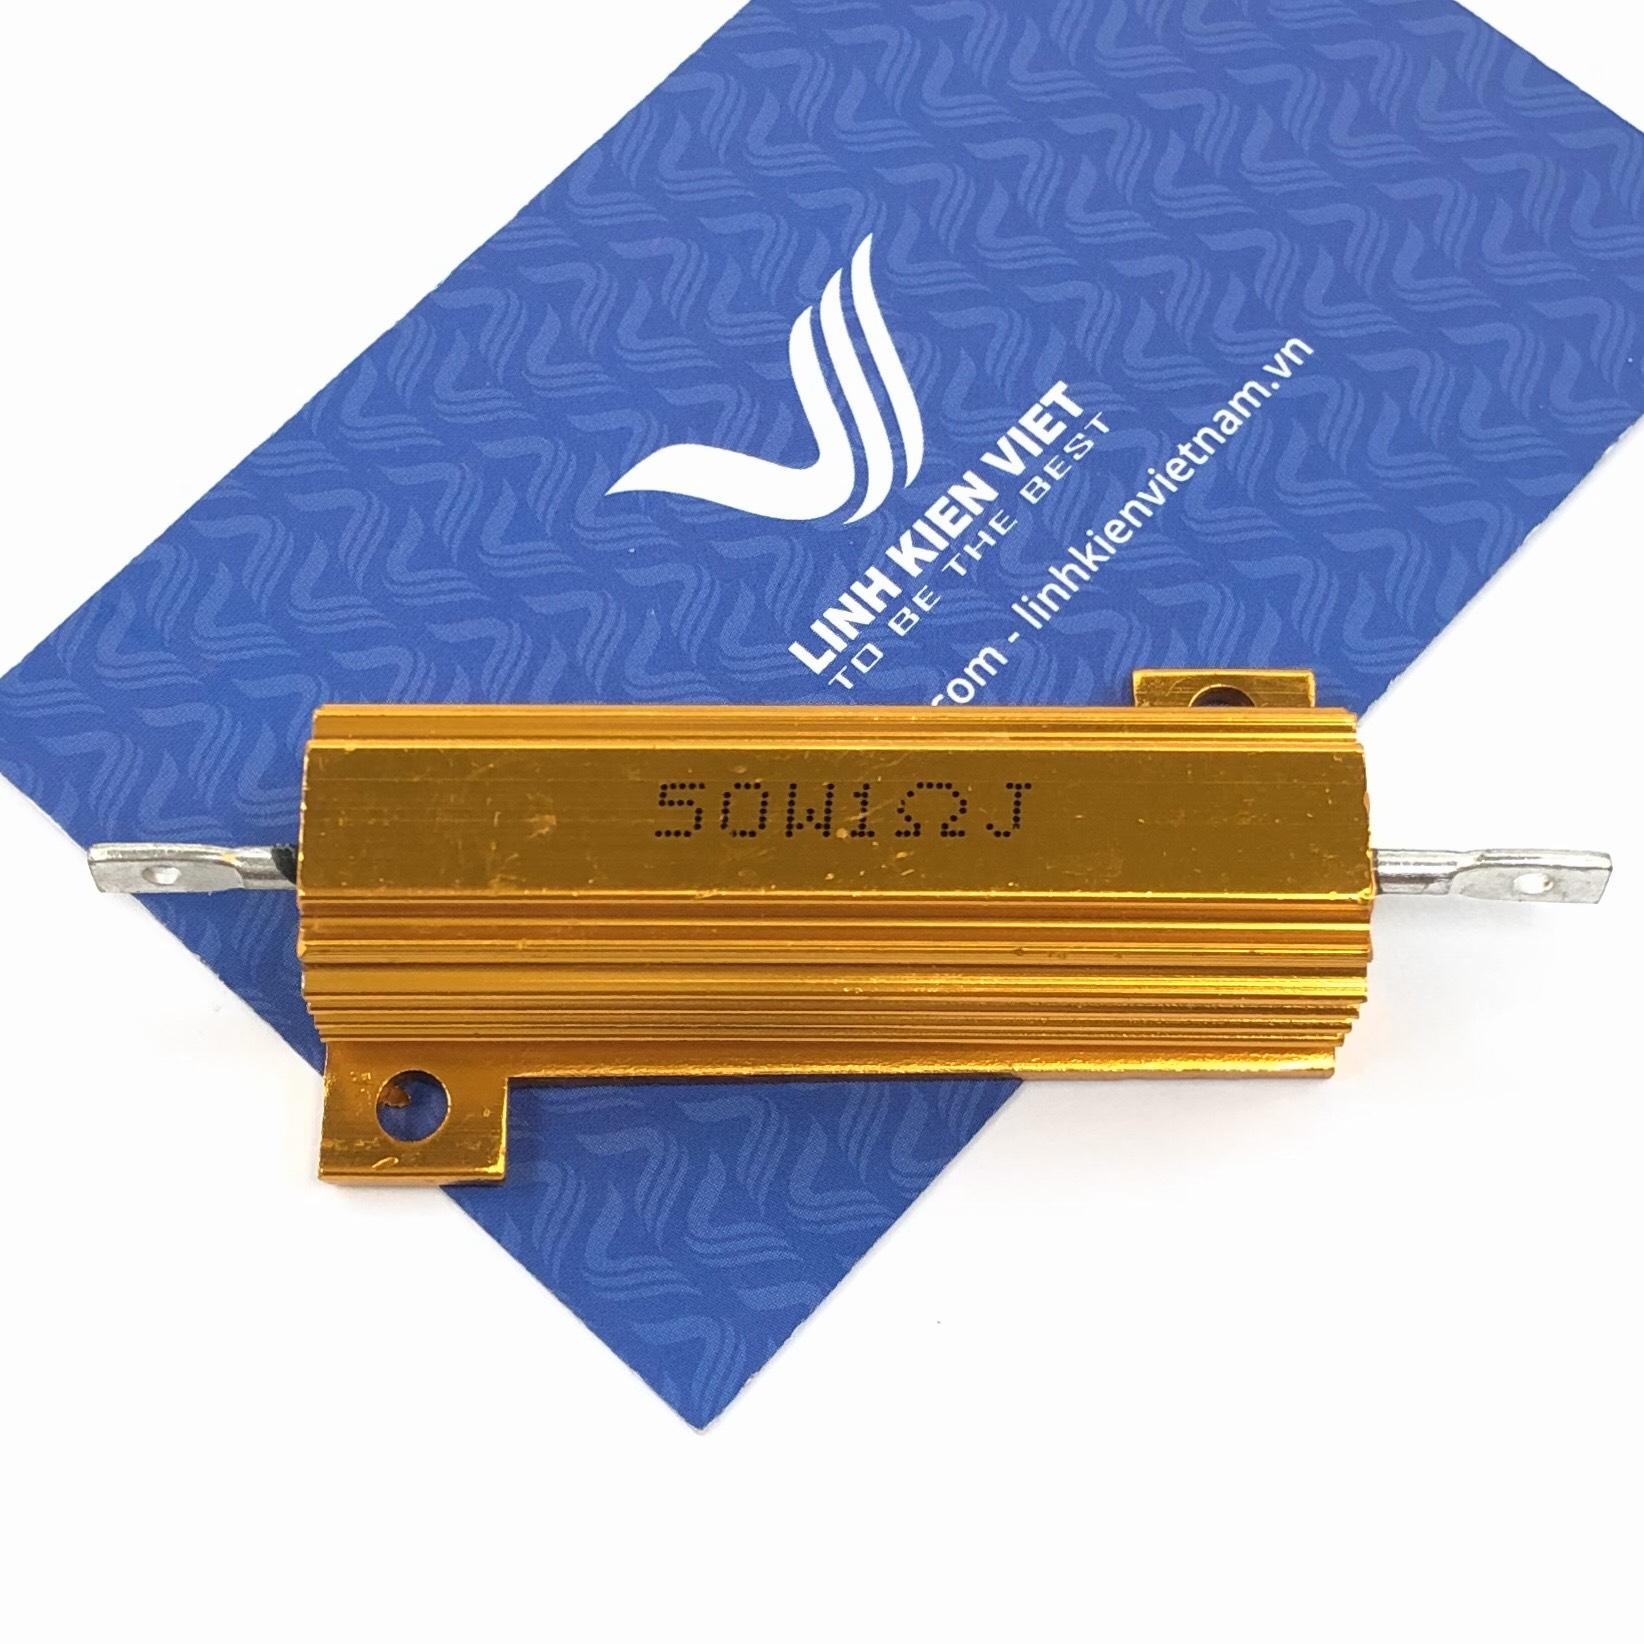 Điện trở nhôm RX24 1R 50W - S5H24